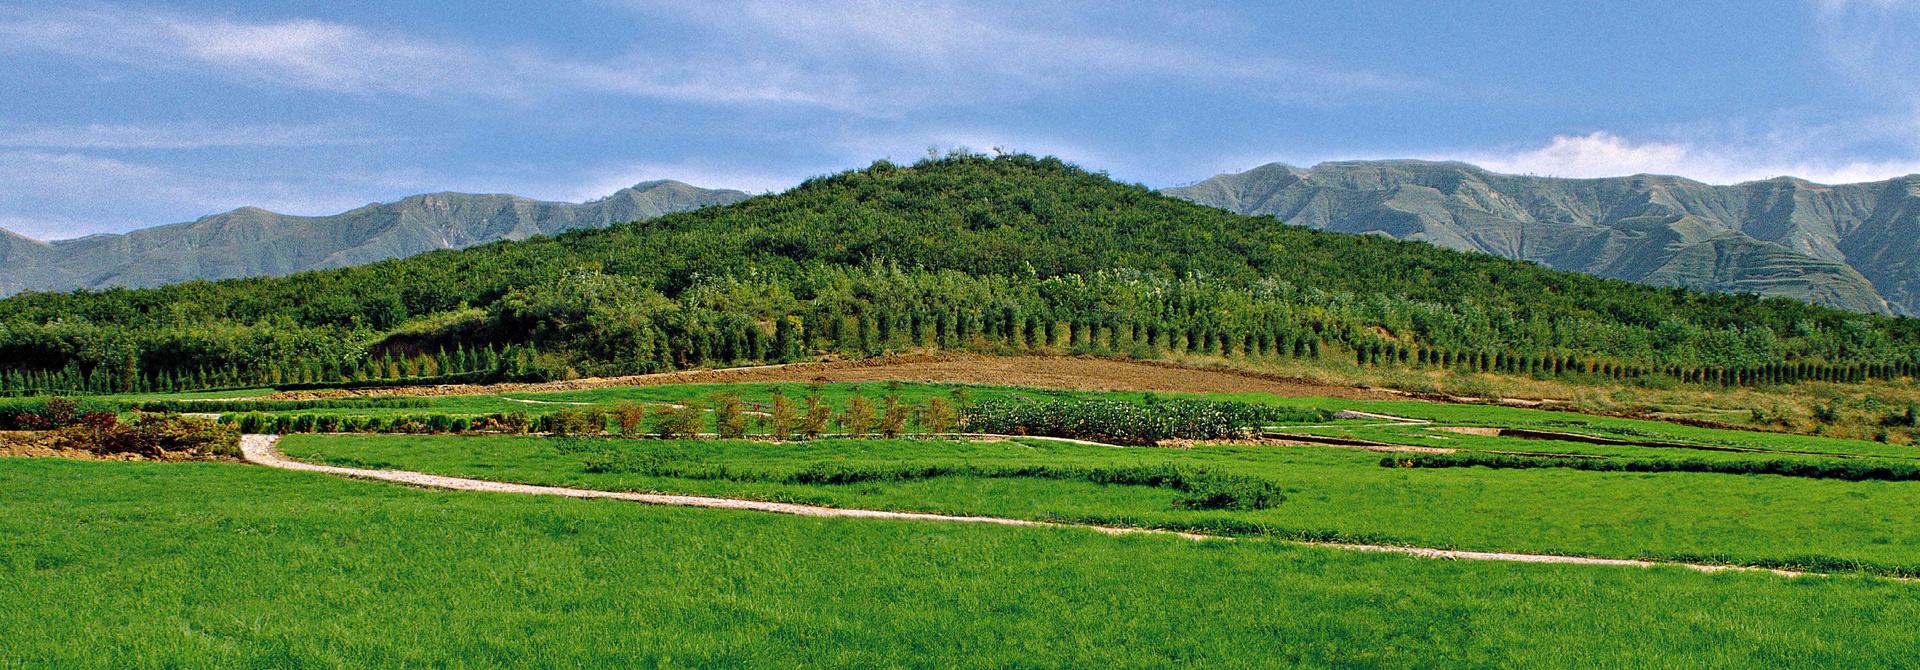 陝82帝王陵星羅棋佈 珍貴遺產展輝煌文化